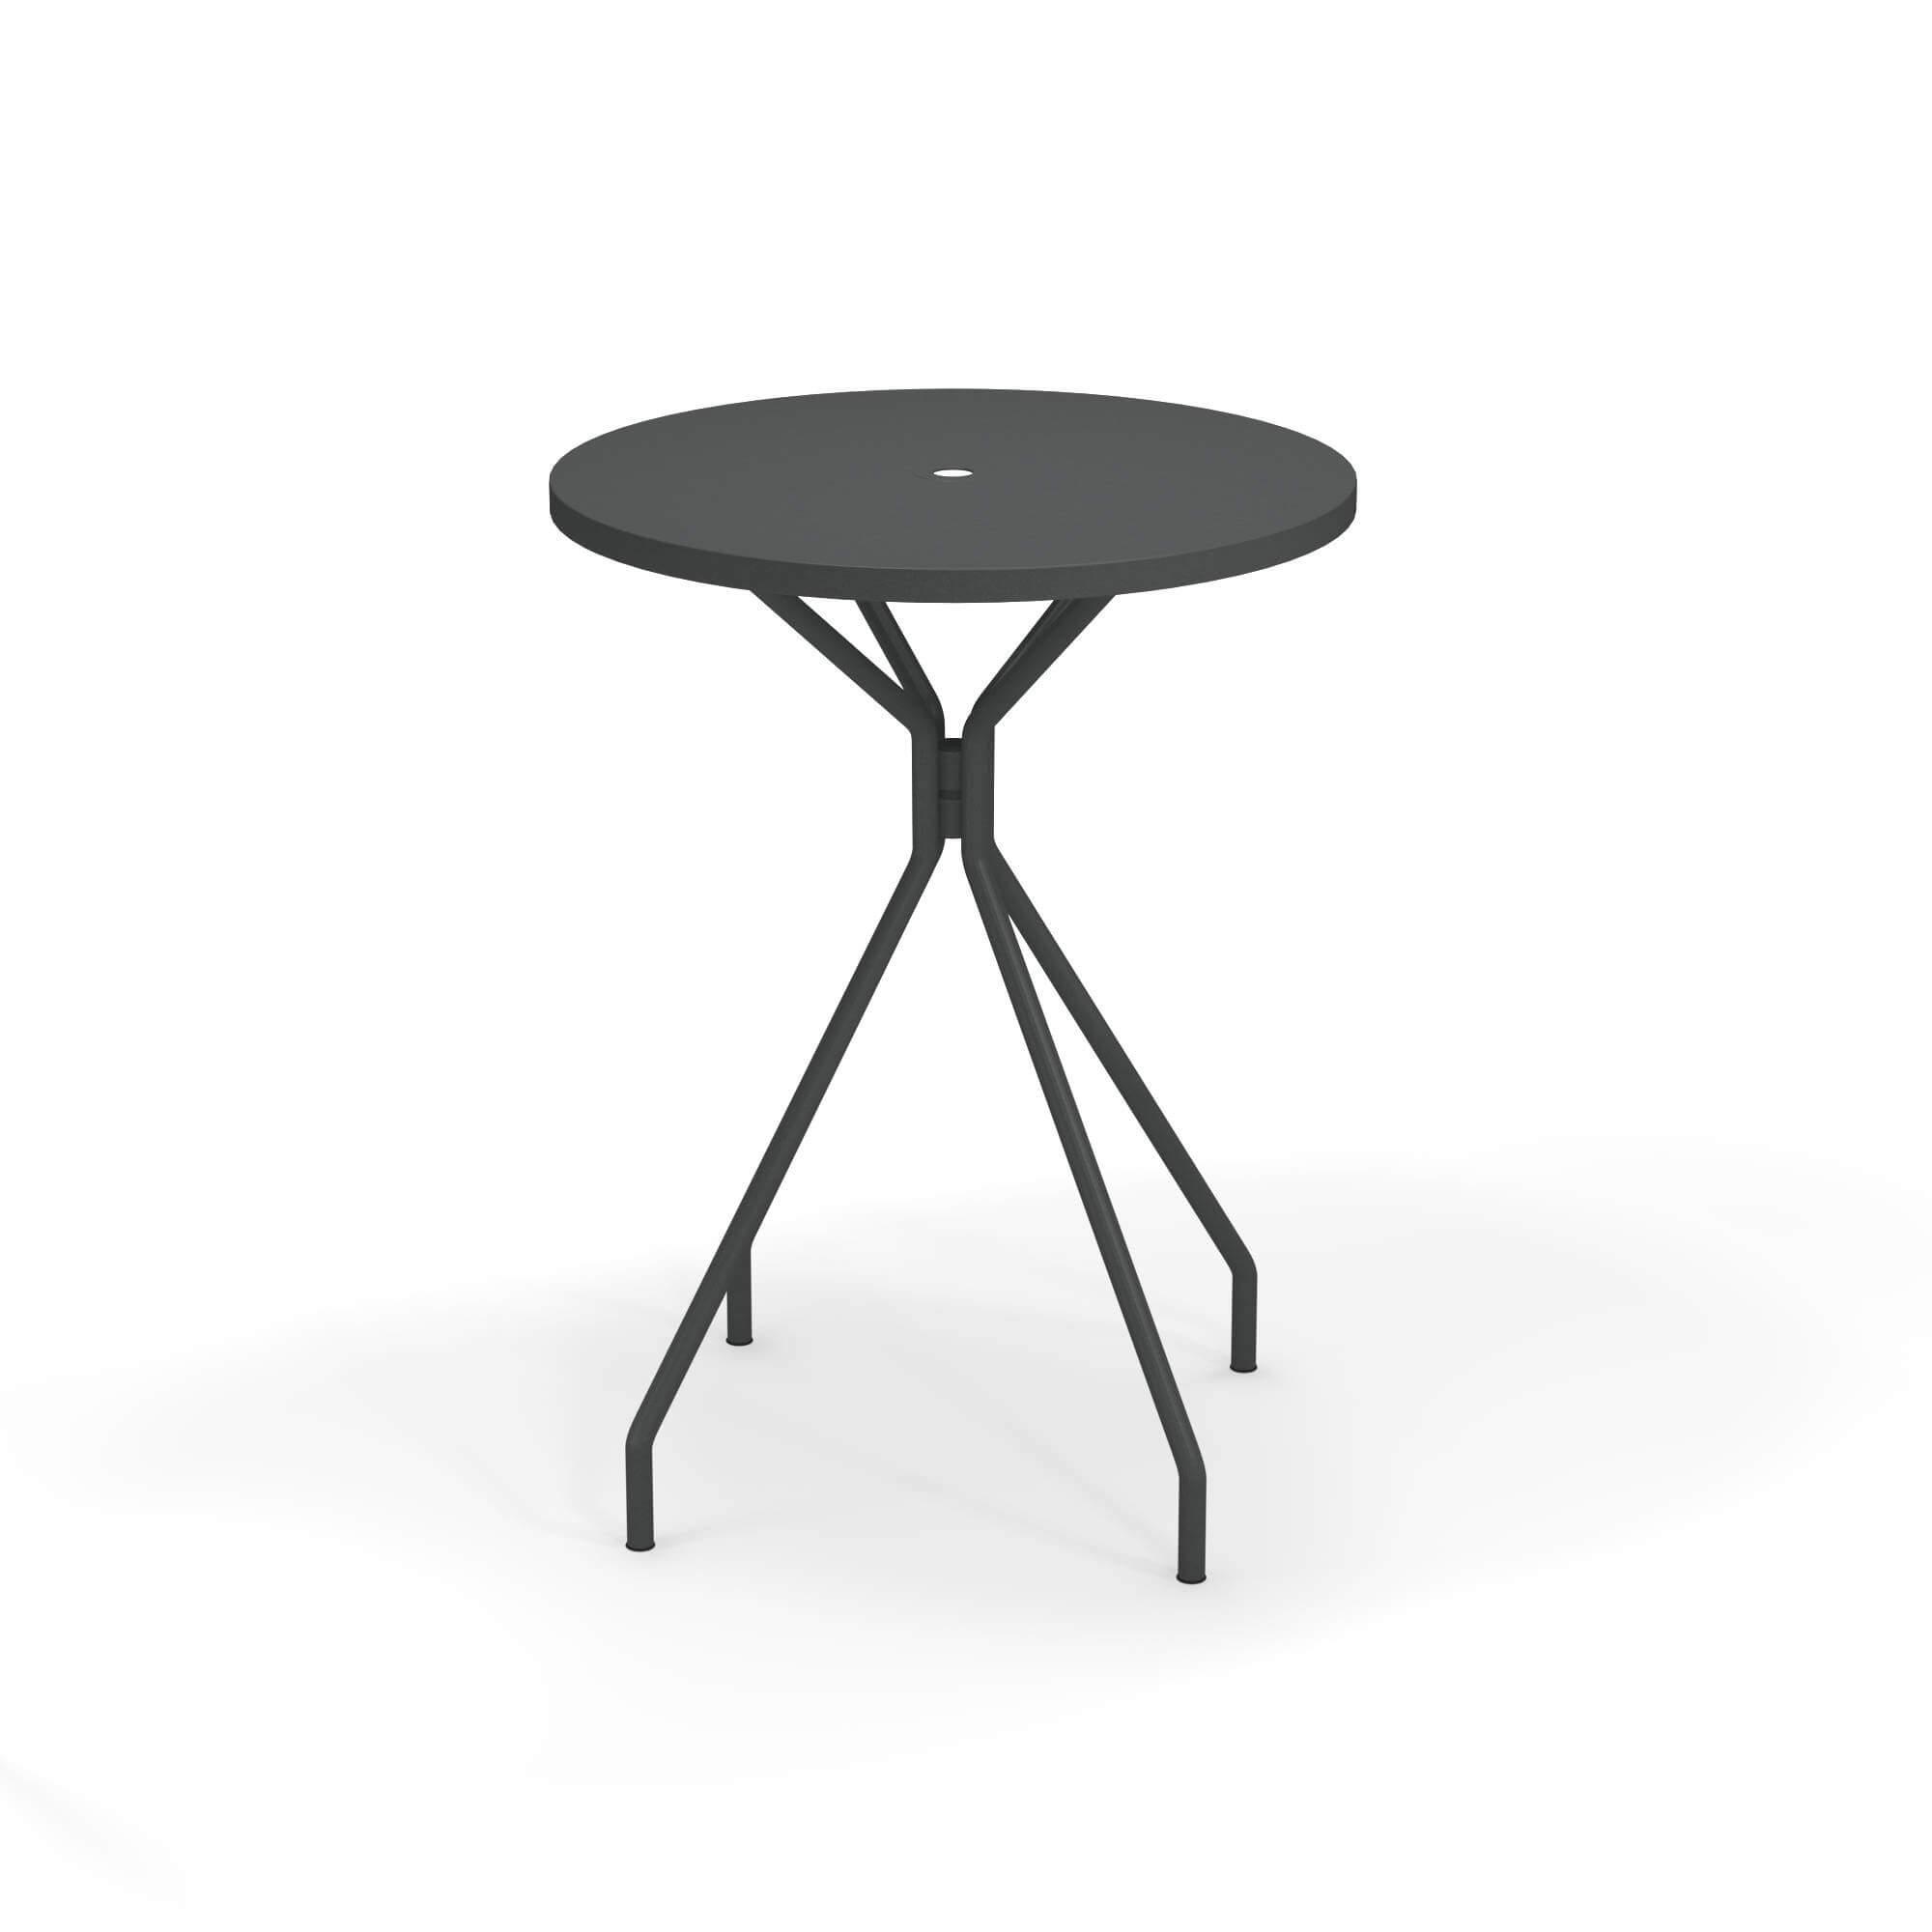 Table haute pour jardin / extérieur en acier - Collection Solid